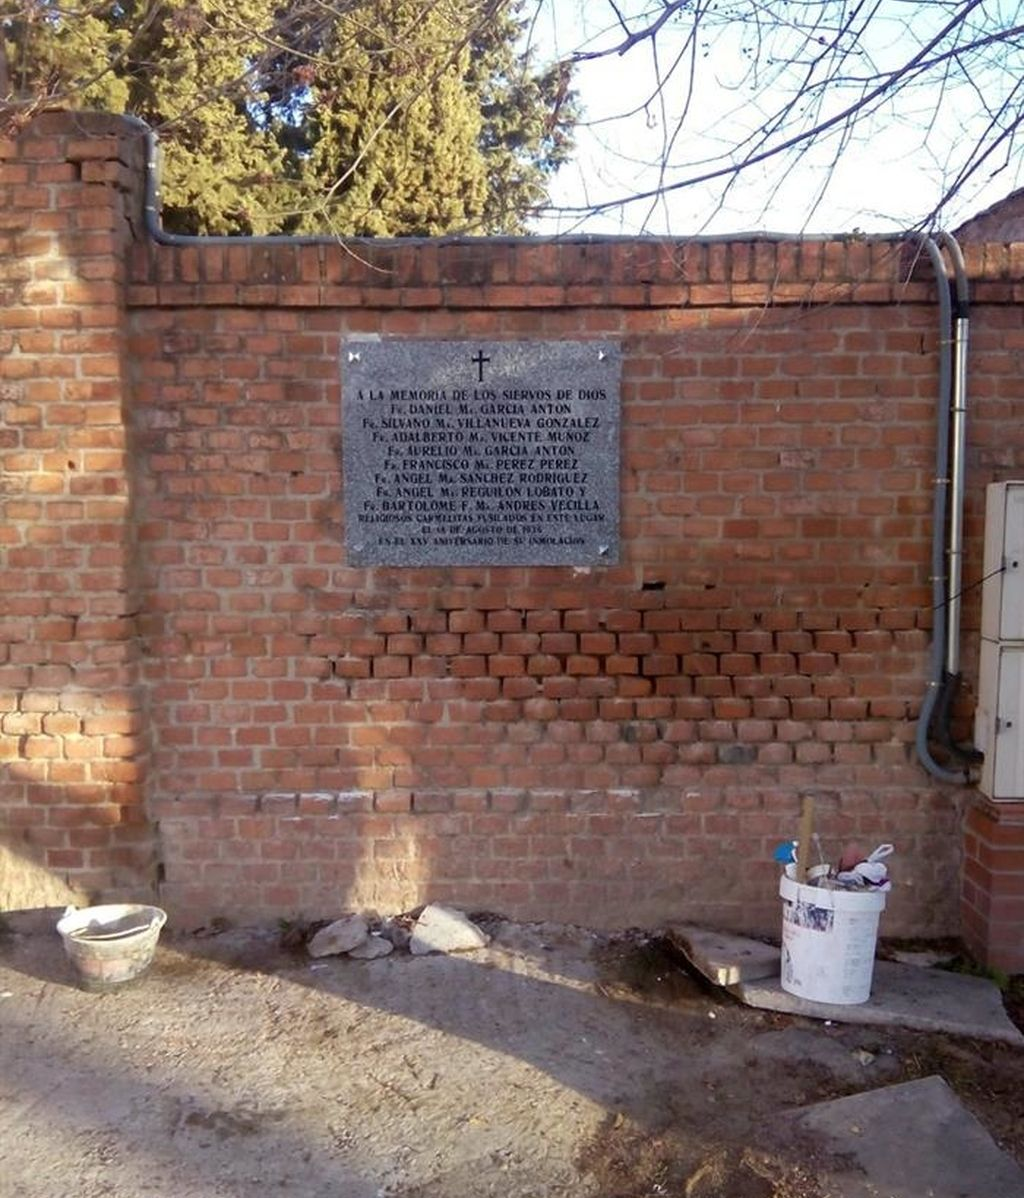 Vuelven a colocar una placa retirada por error en el cementerio de Carabanchel